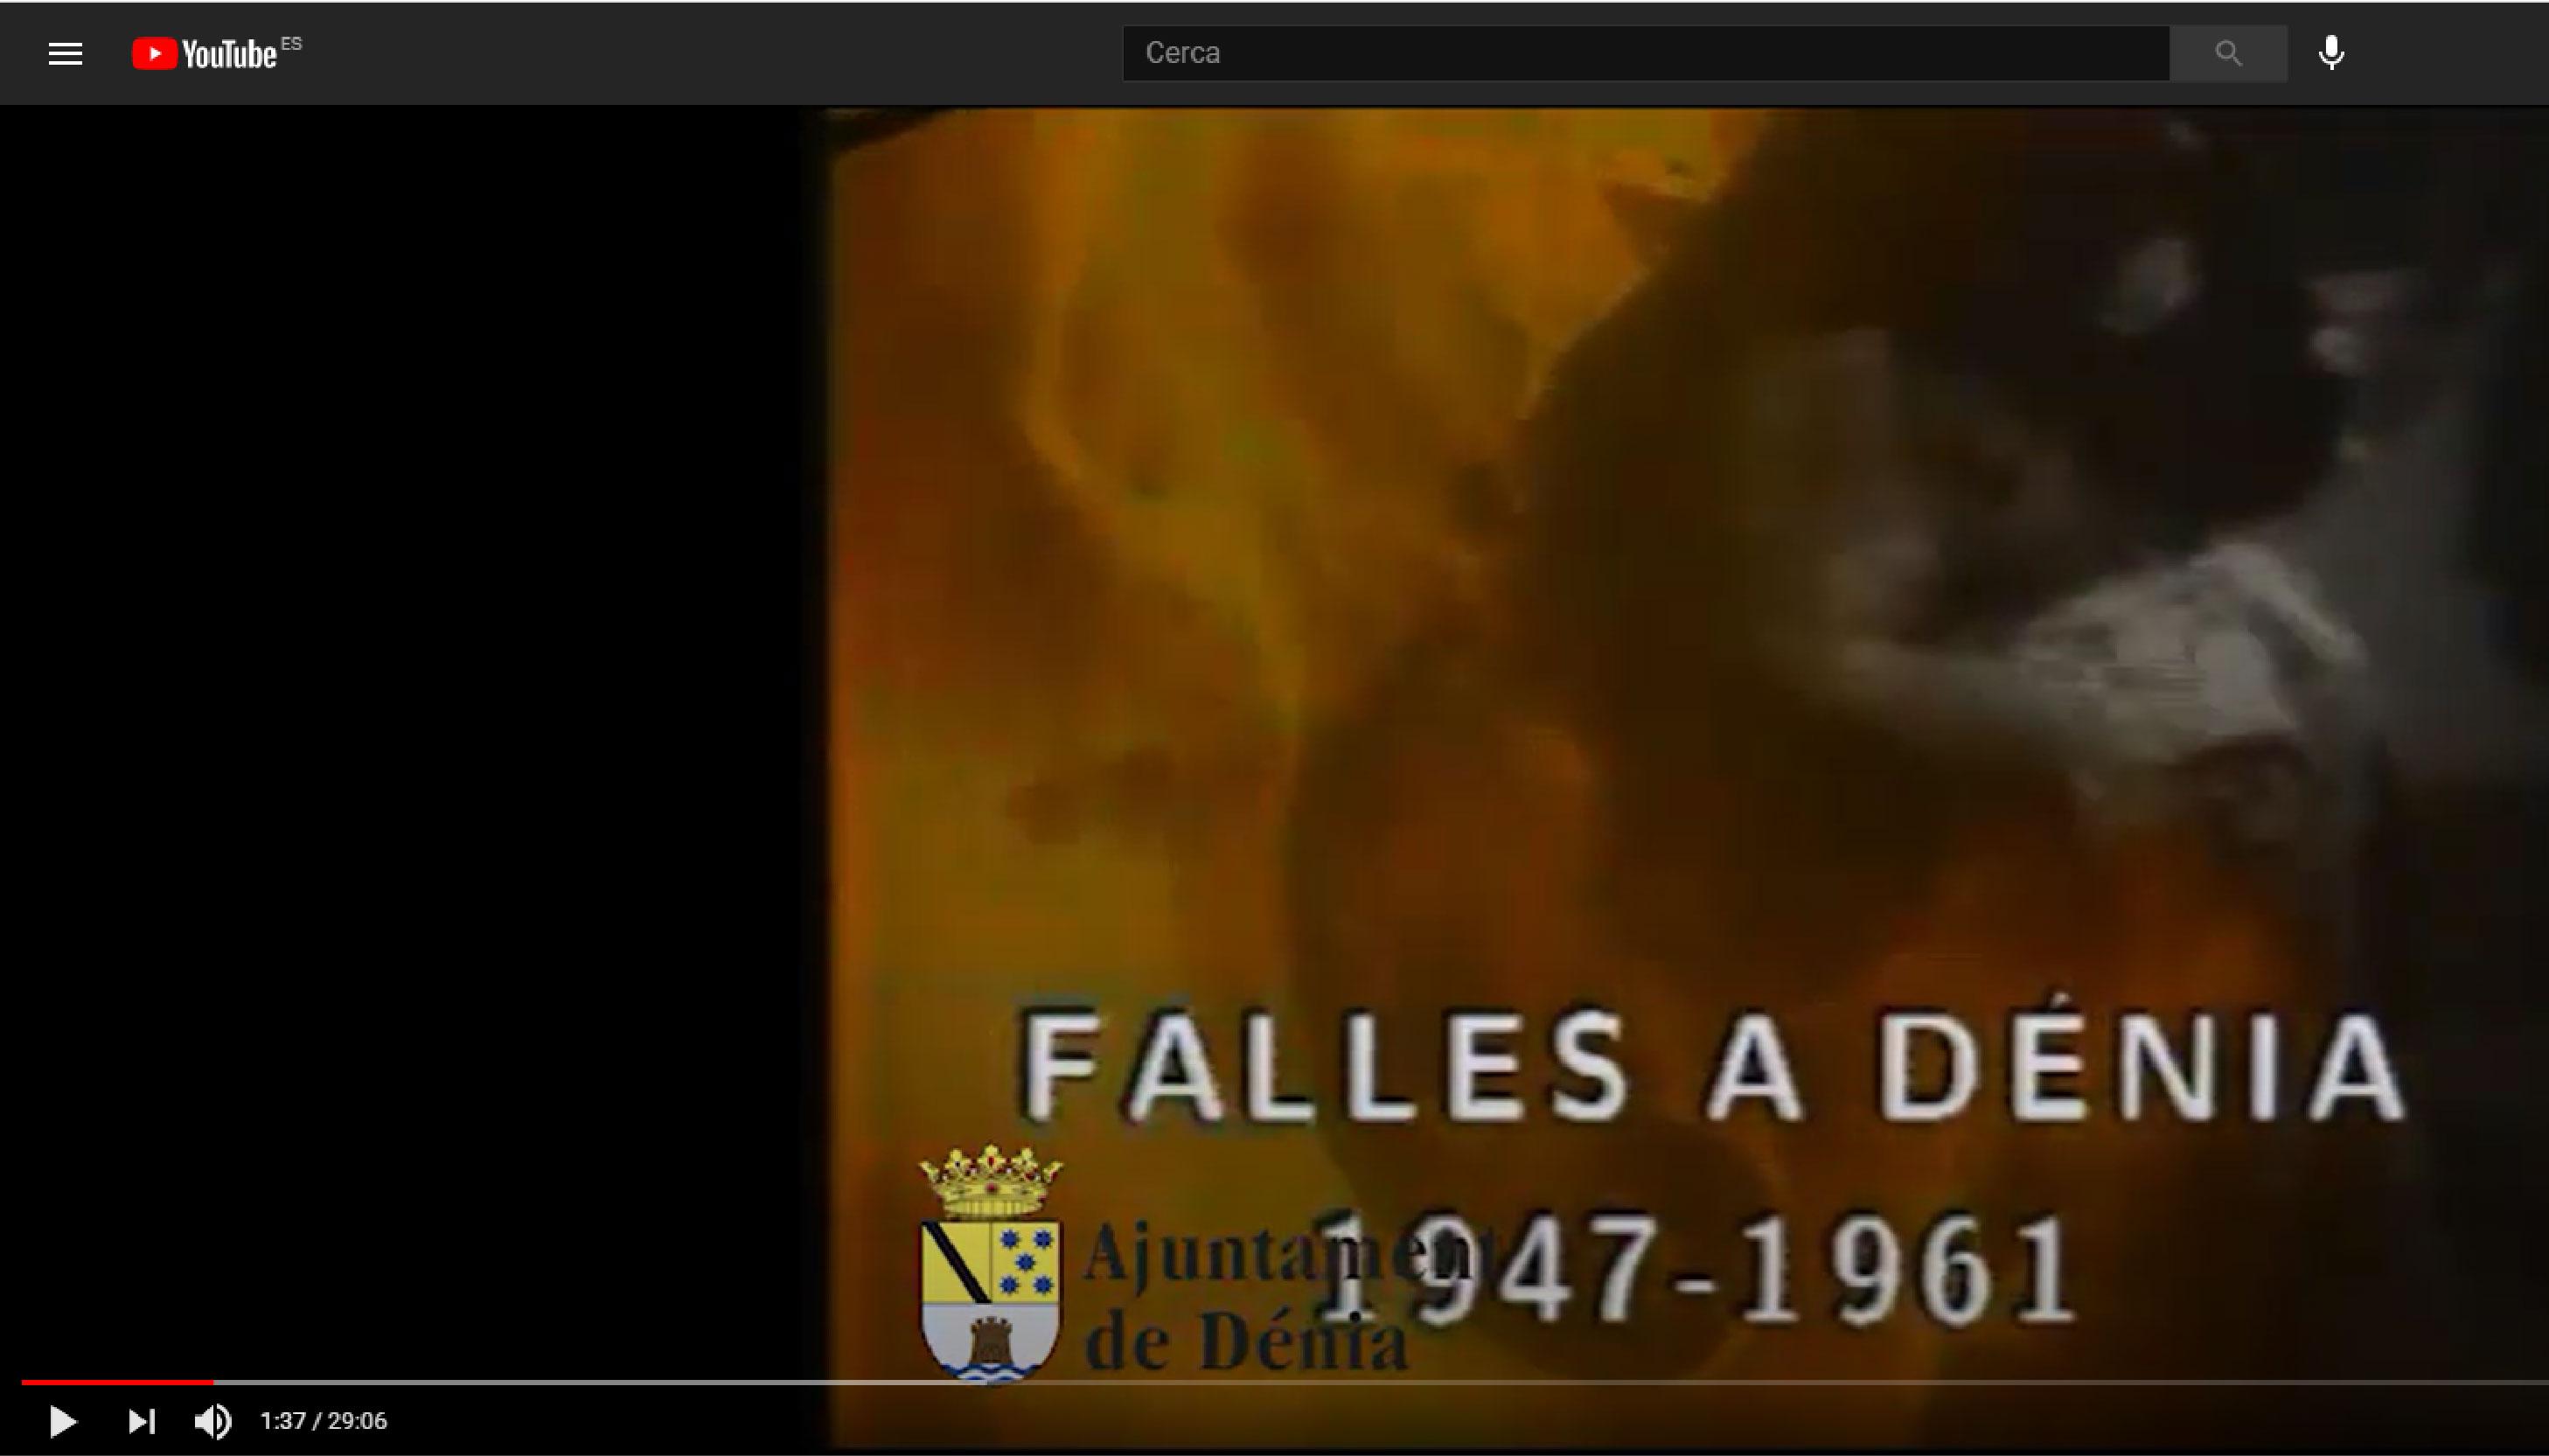 """L'Arxiu de Dénia posa a l'abast de la ciutadania, a YouTube, el documental """"Fal..."""